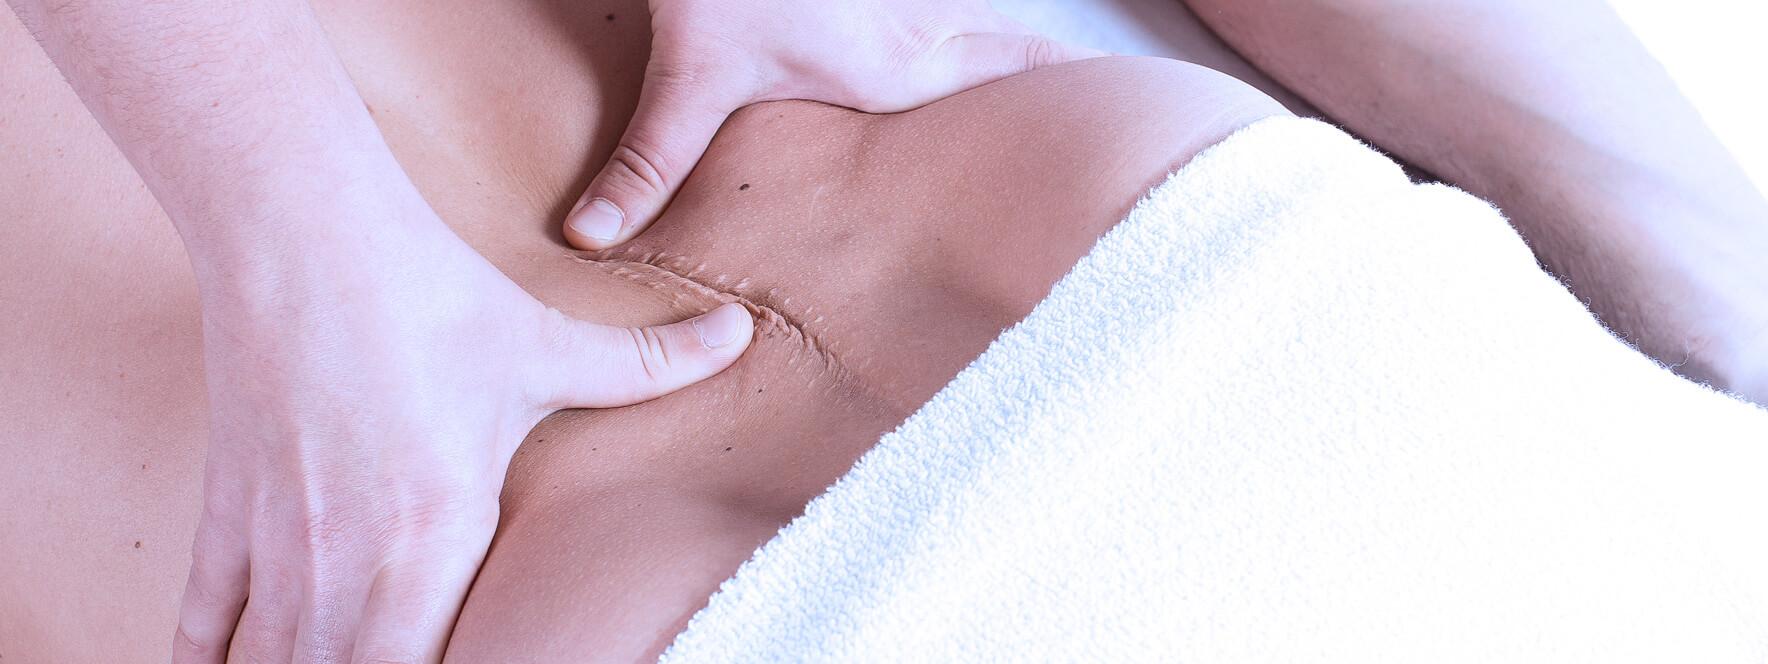 Homme avec une blessure reçoit un soin de massage qui diminue sa douleur